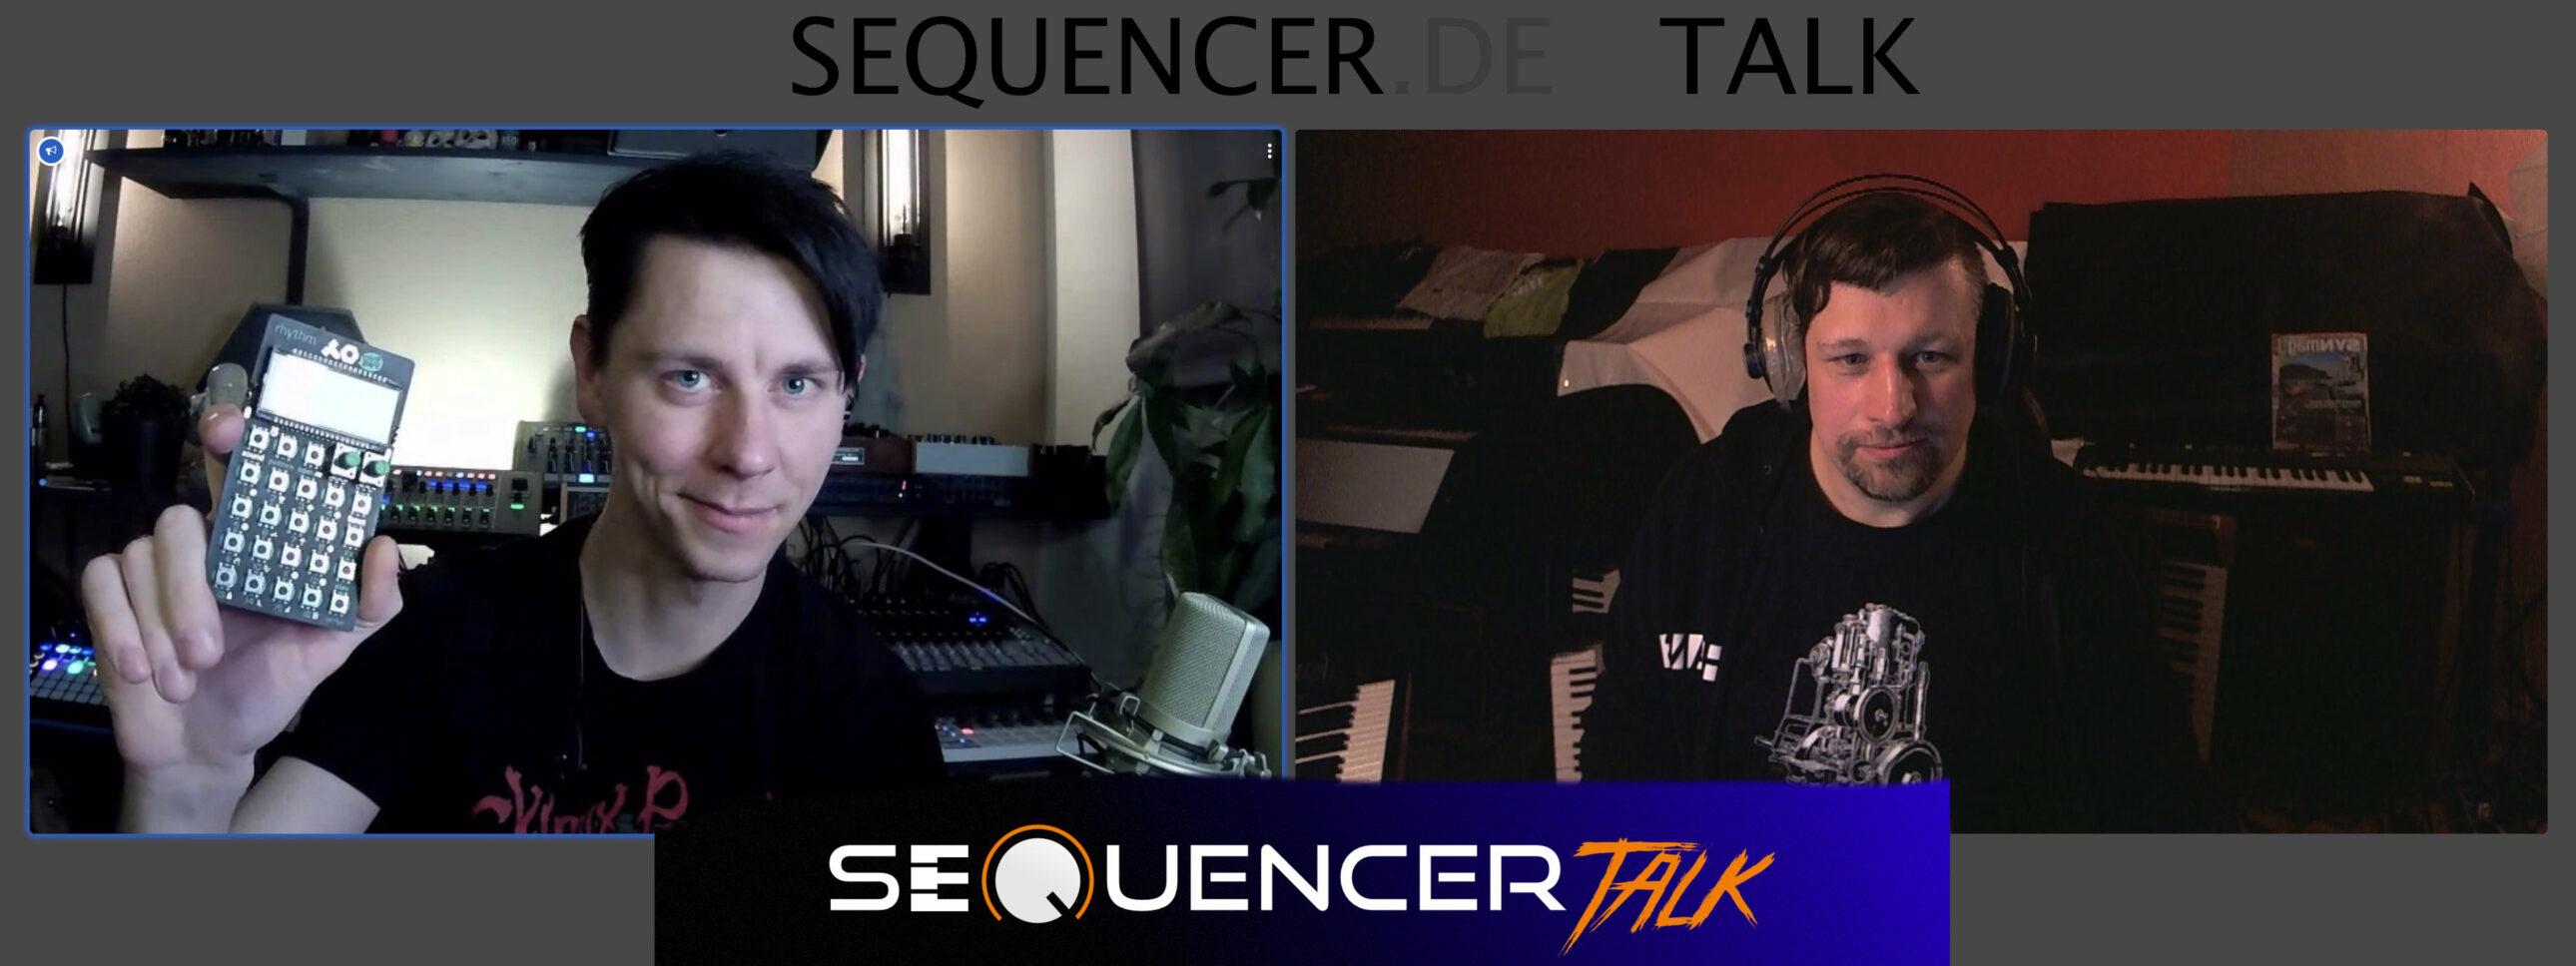 Sequencer Talk #5 Nerdlich des Reaktorkreises